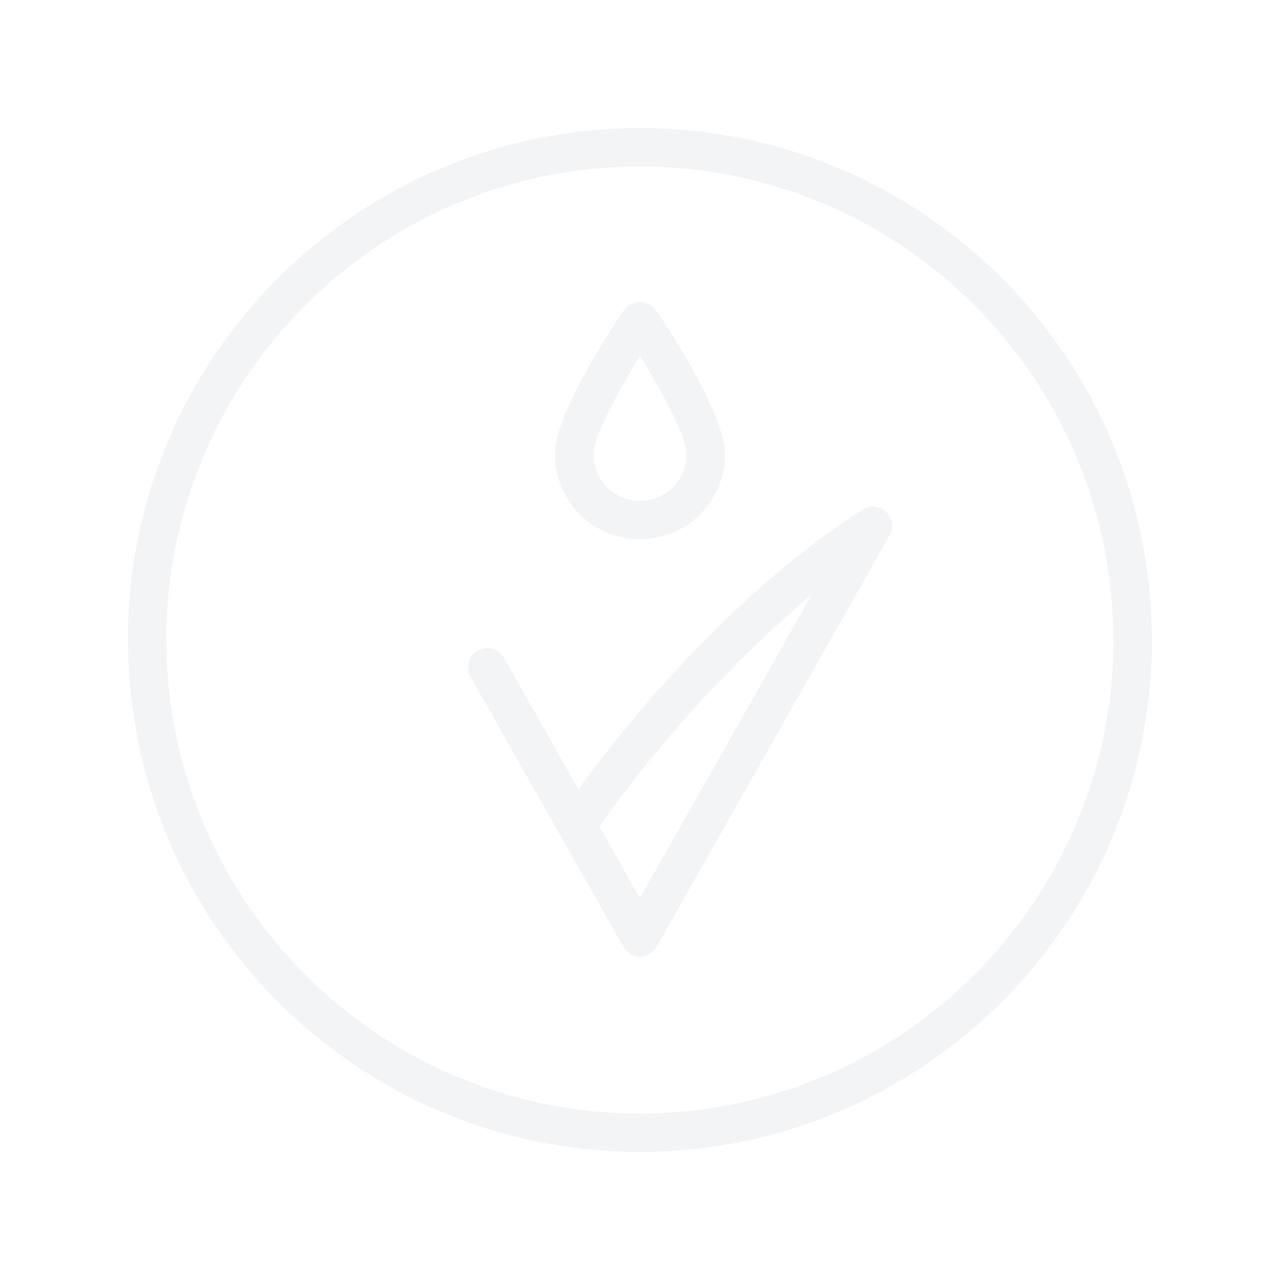 YVES SAINT LAURENT Kouros Silver Eau De Toilette